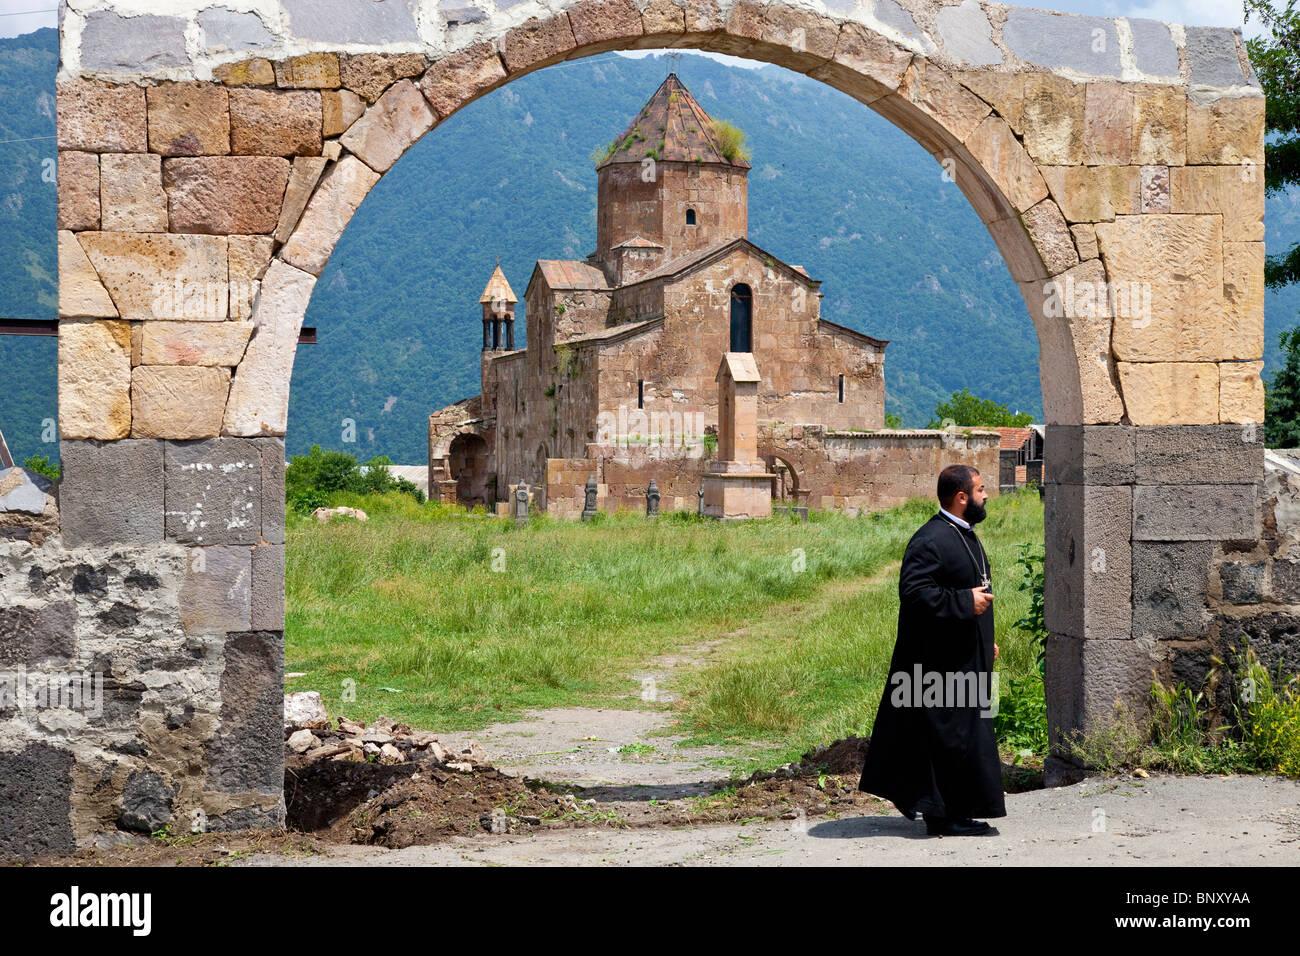 Século VII Odzun Igreja no Desfiladeiro Debed Arménia Imagens de Stock